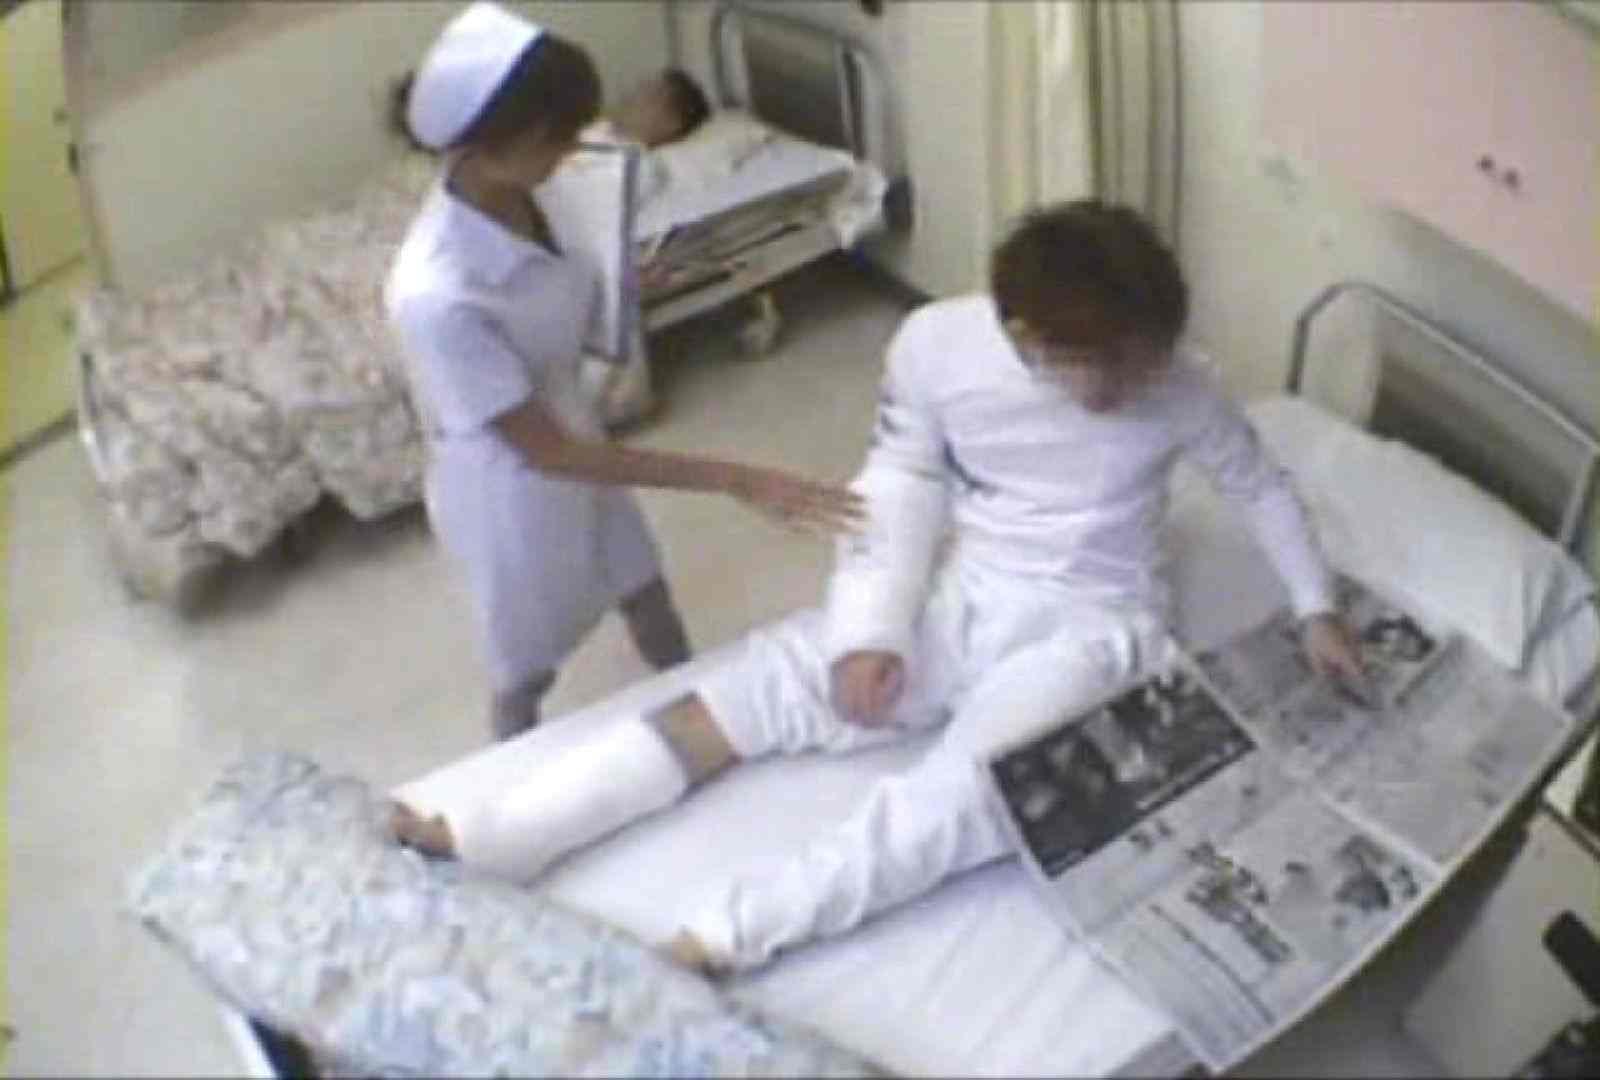 絶対に逝ってはいけない寸止め病棟Vol.5 OLセックス  98画像 88